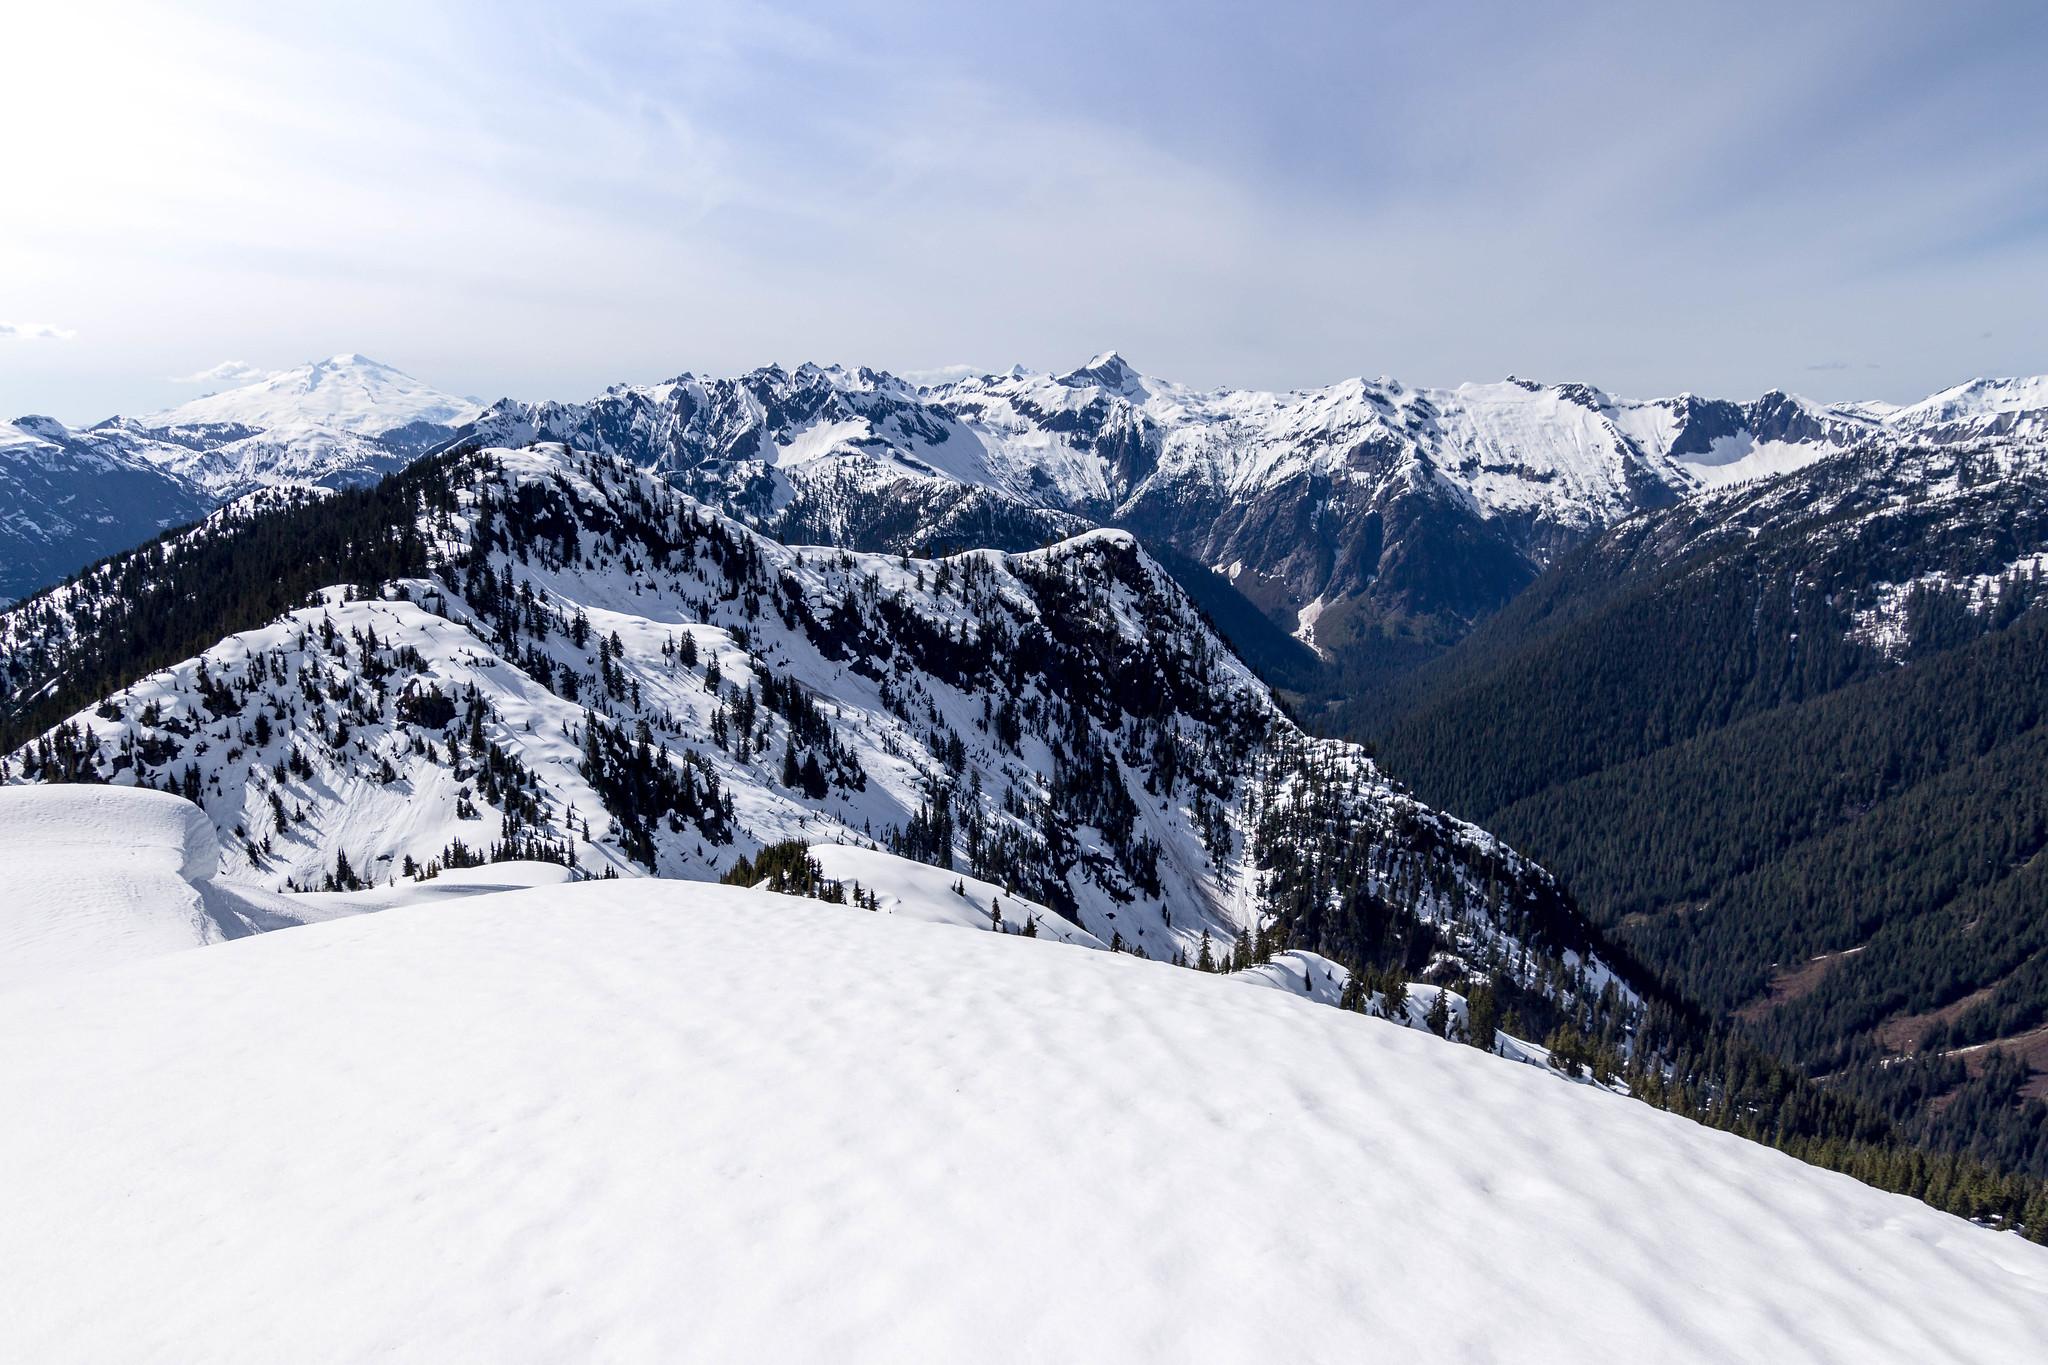 Northwest view